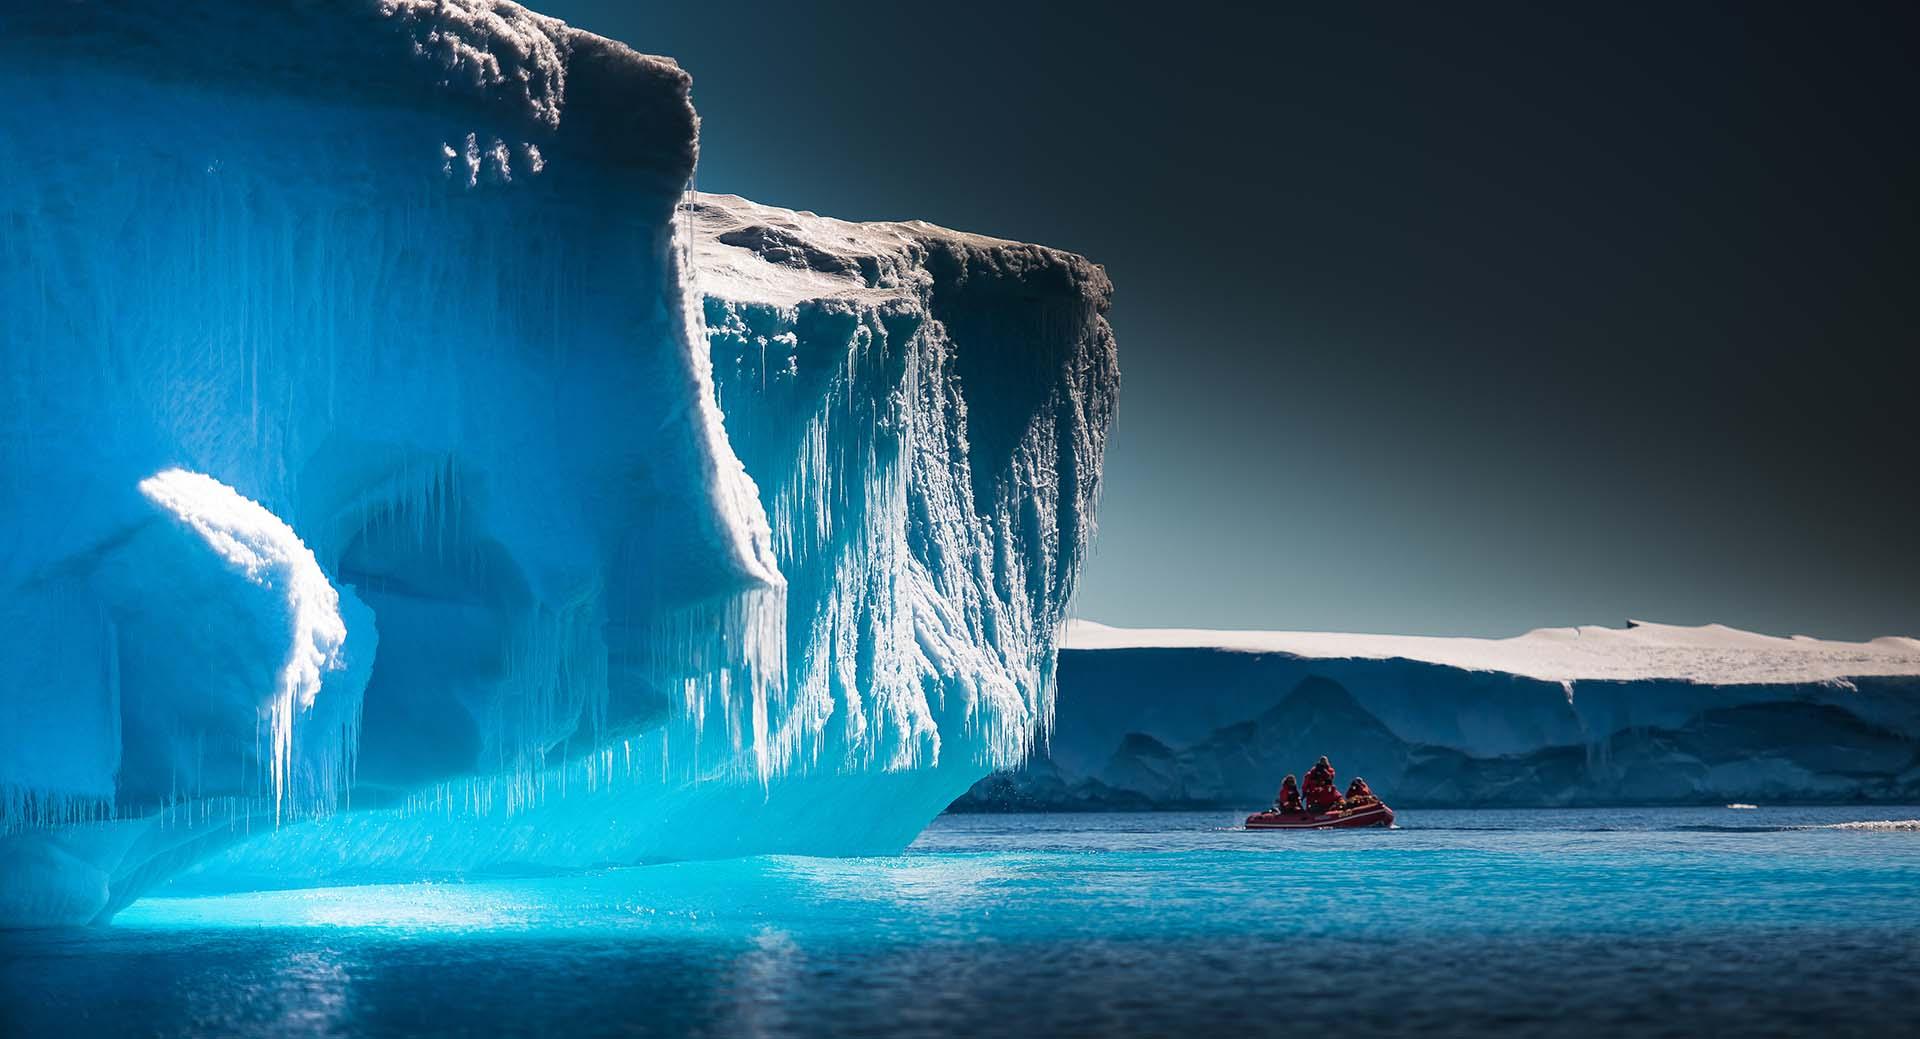 El glaciar Lambert de la Antártida es el glaciar más grande y de mayor movimiento del mundo. Tiene 100 km de ancho, 400 km de largo y cerca de 2.500 m de profundidad. El glaciar Lambert es parte de la Antártida oriental y la enorme capa de hielo antártico. La corriente del glaciar Lambert drena alrededor del 8% de la capa de hielo antártico. No hay demasiadas fotografías de él porque las condiciones meteorológicas del lugar en el que se desliza lentamente son demasiado adversas